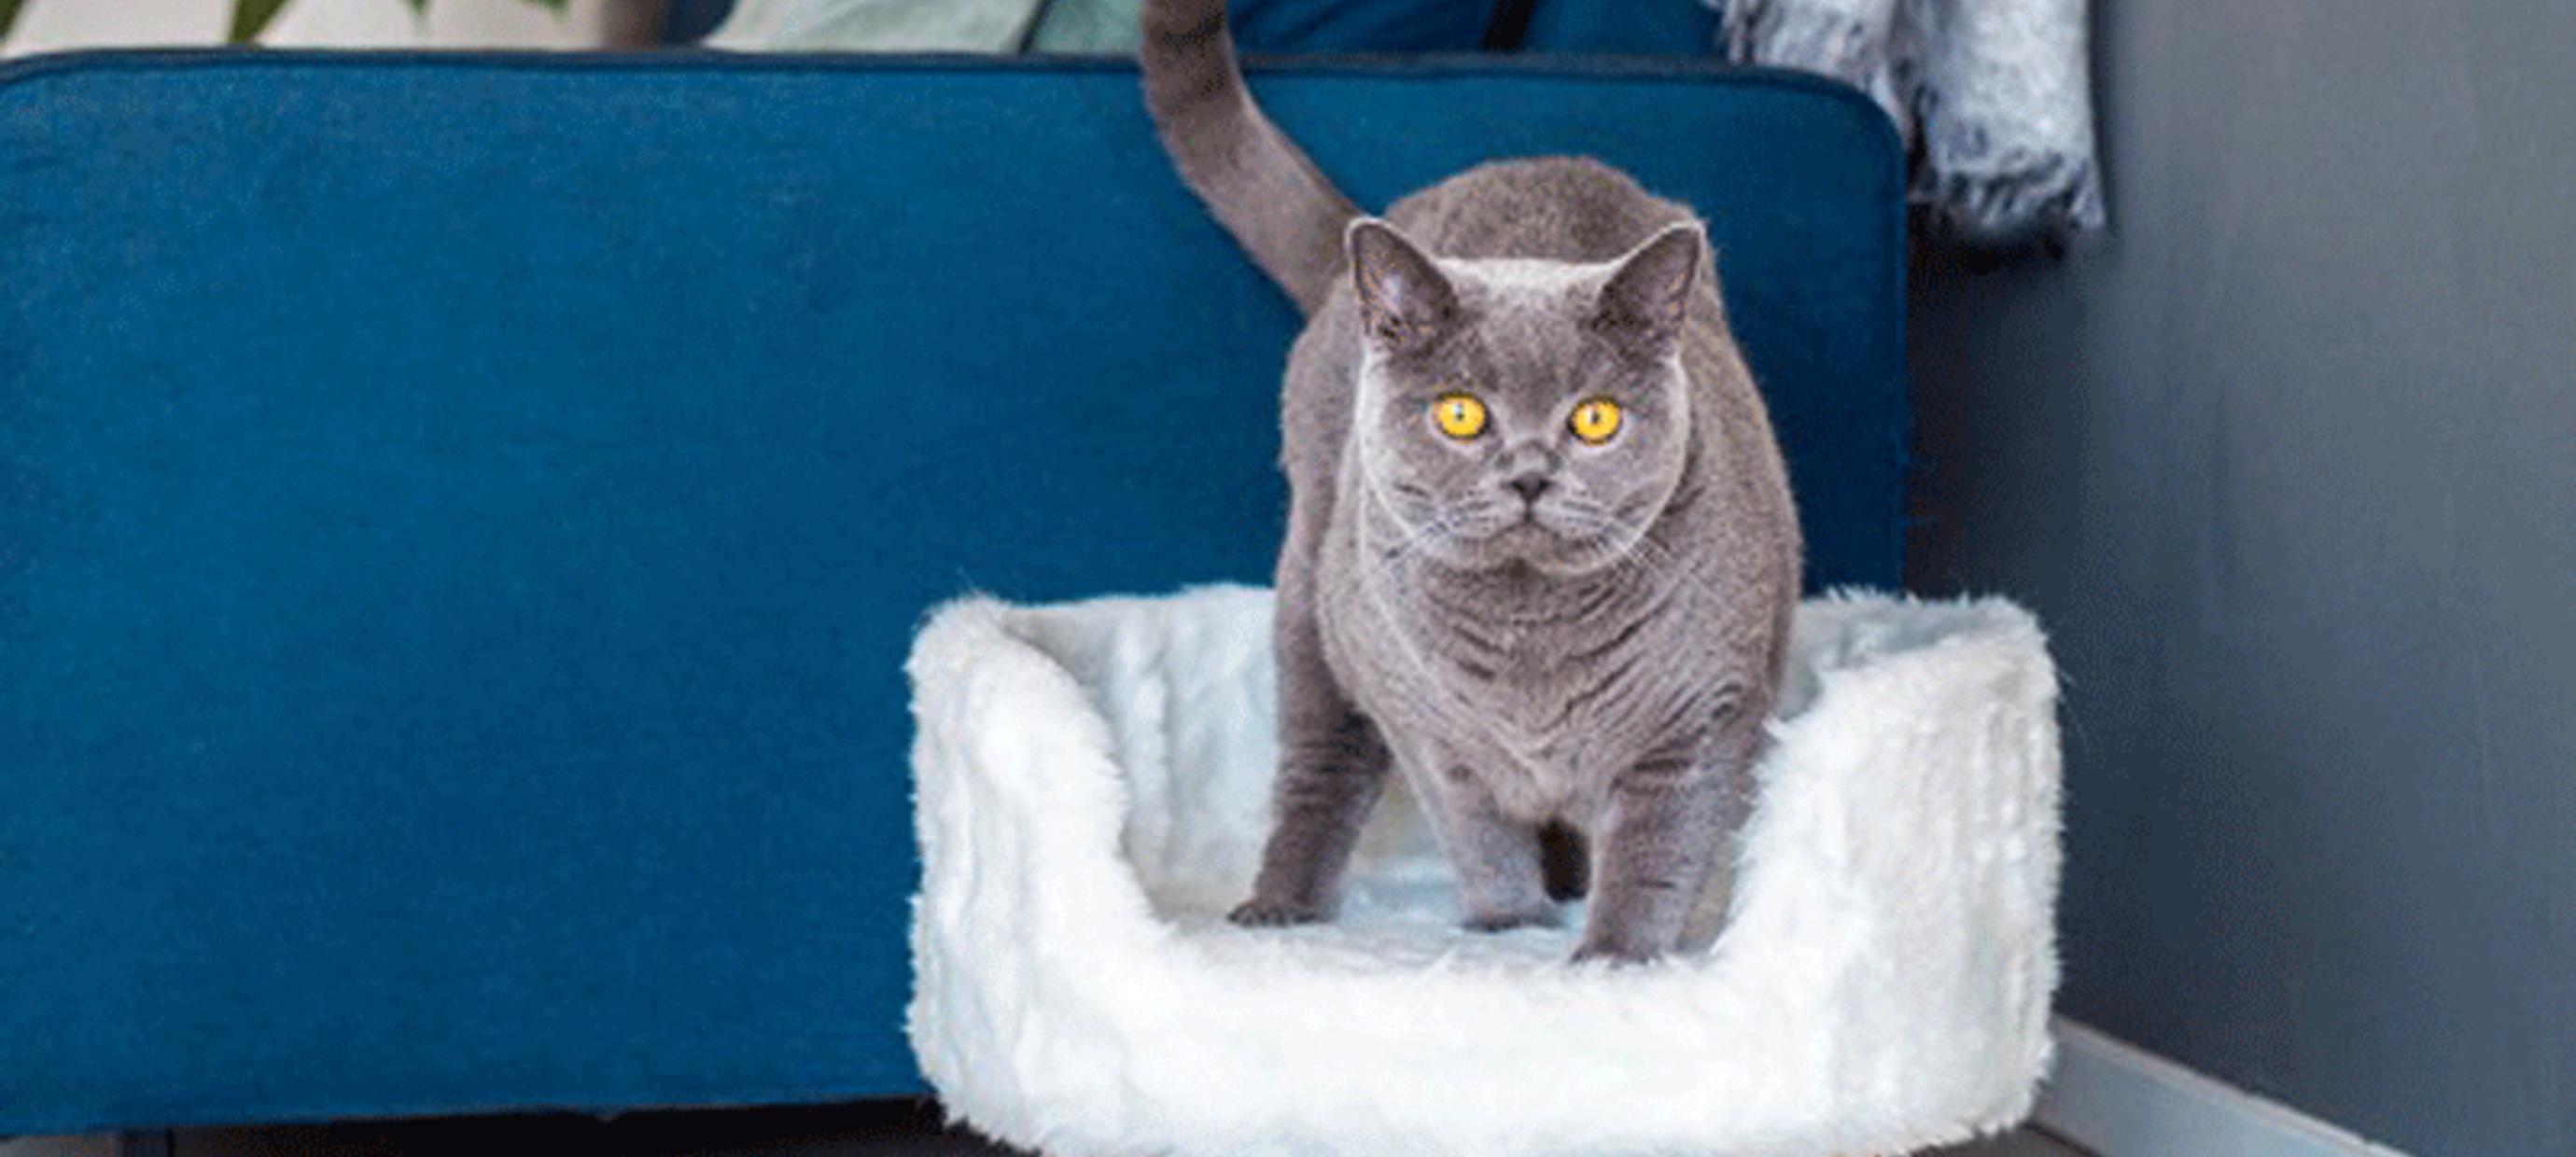 Laat je kat ultiem genieten met een luxe kattenmand